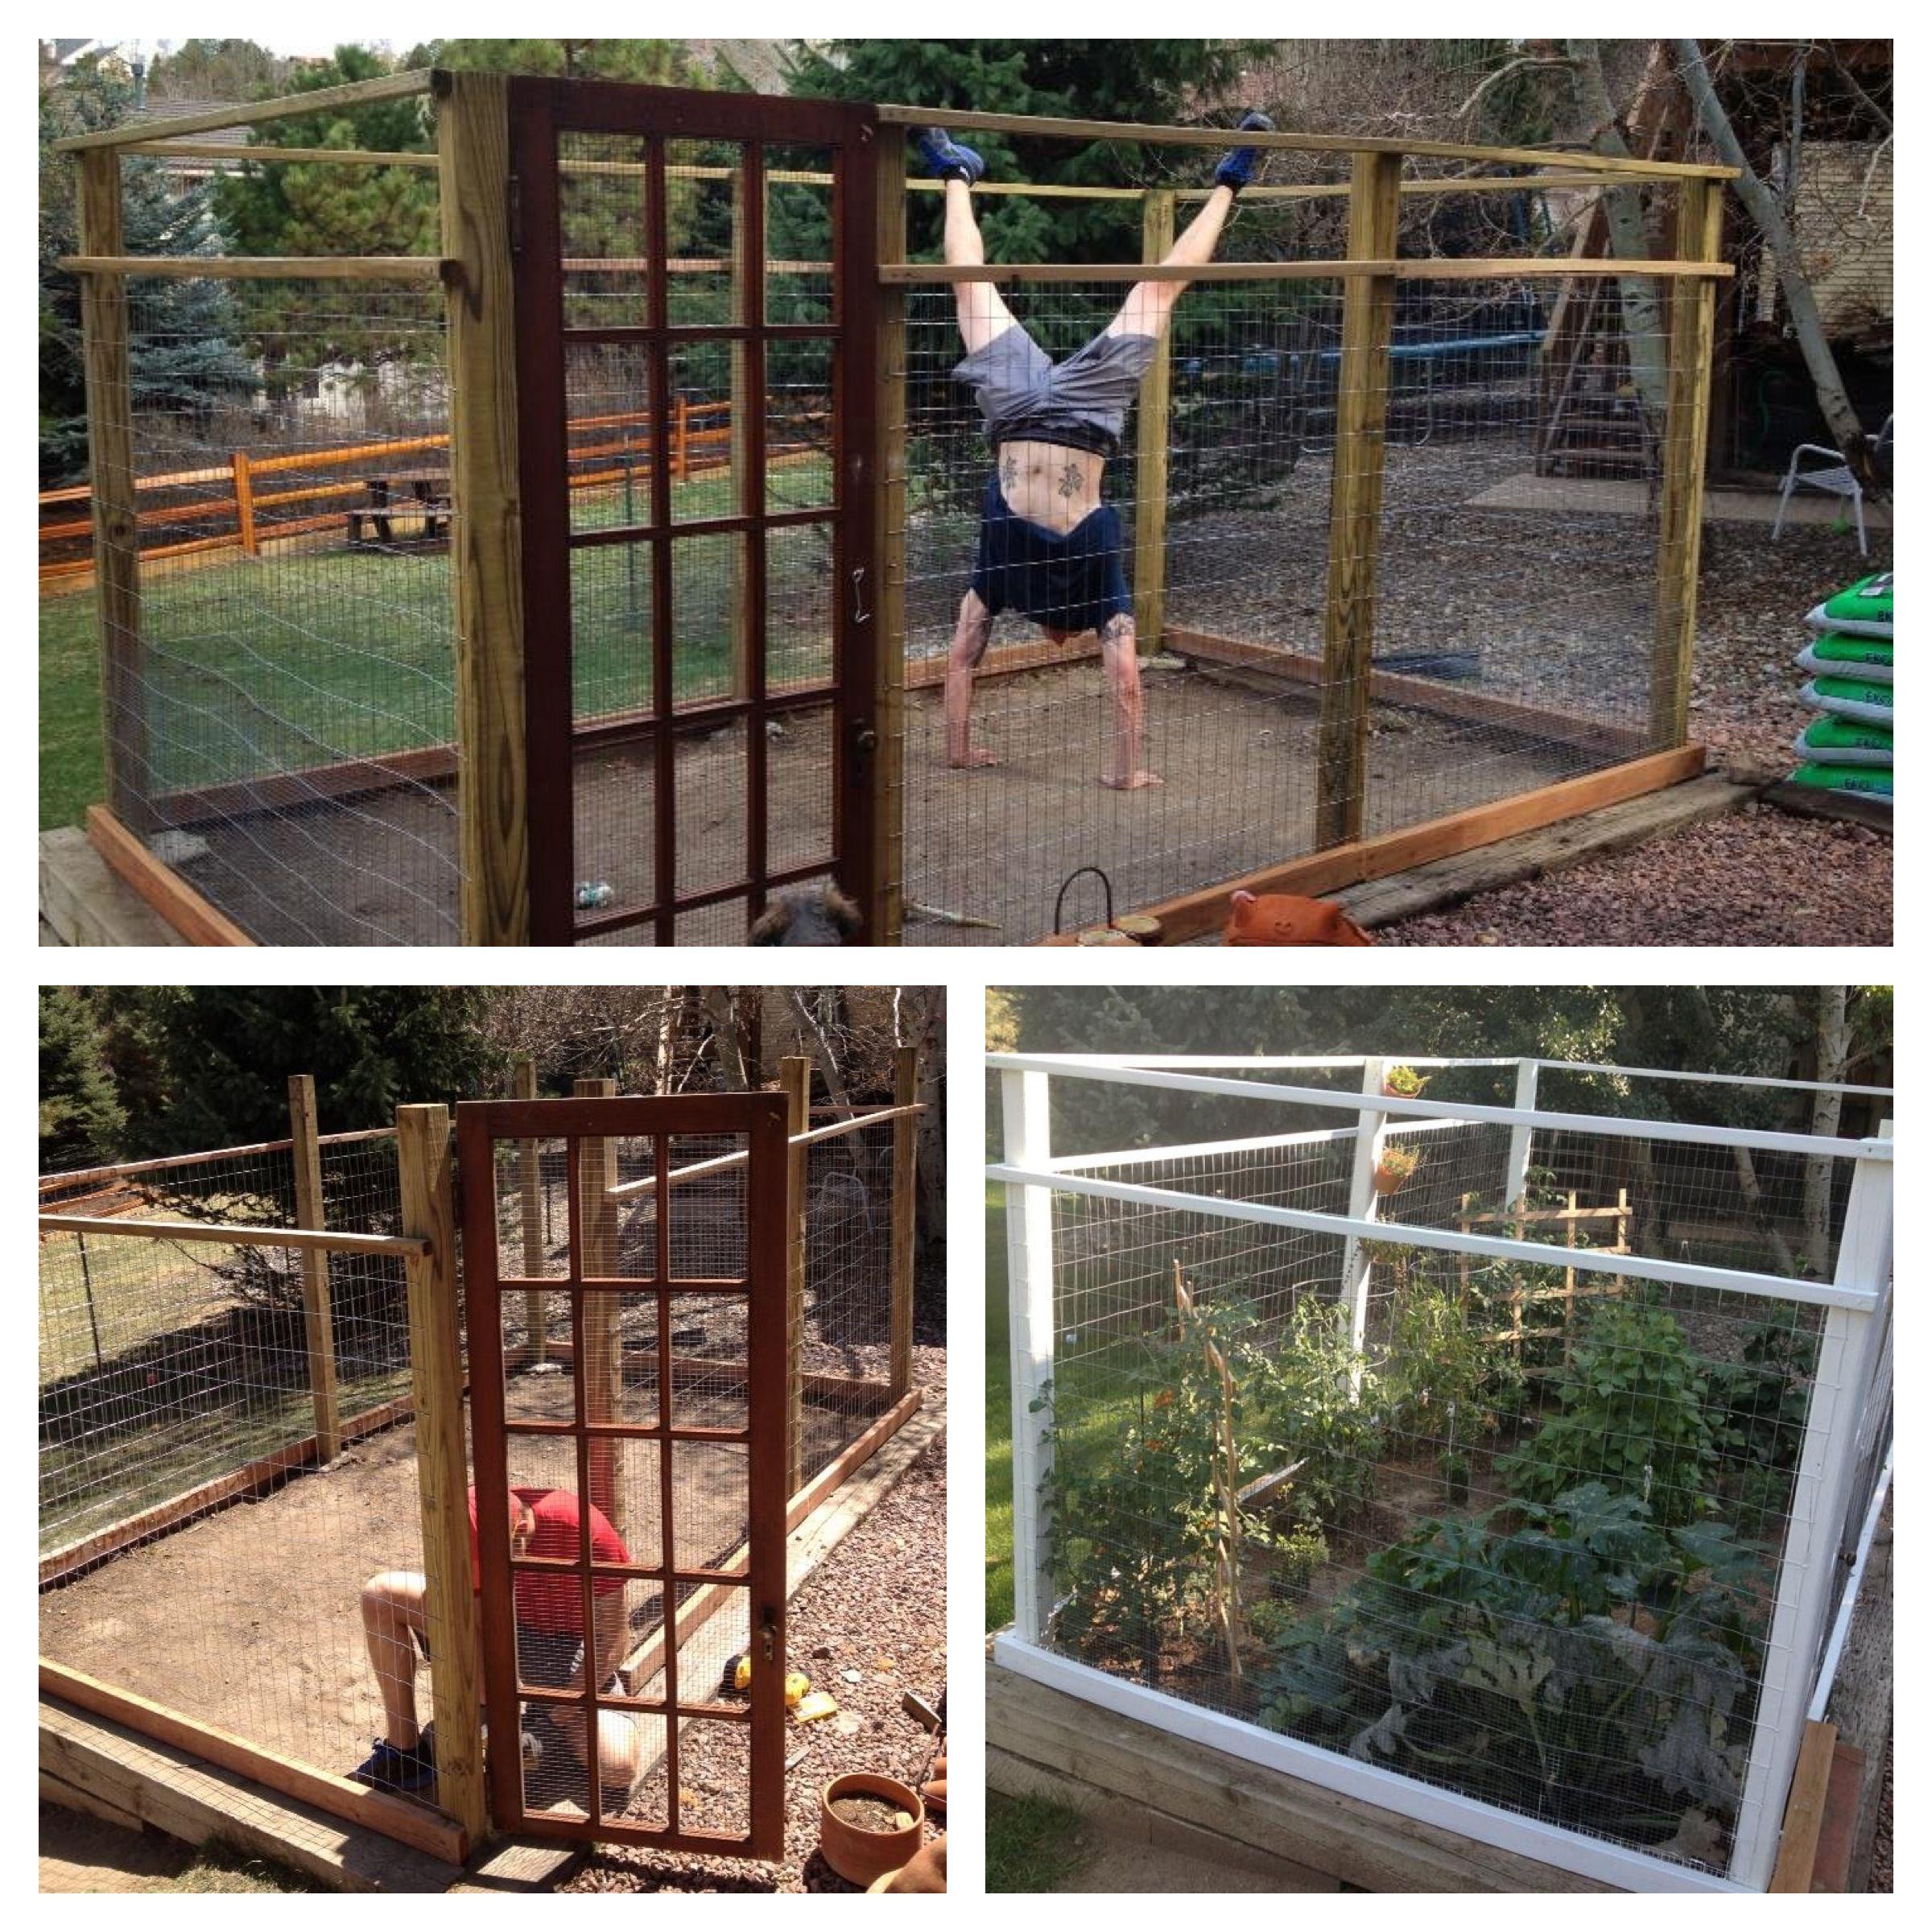 The Amazing Deer Proof Garden My Hubby Built Me. It Was